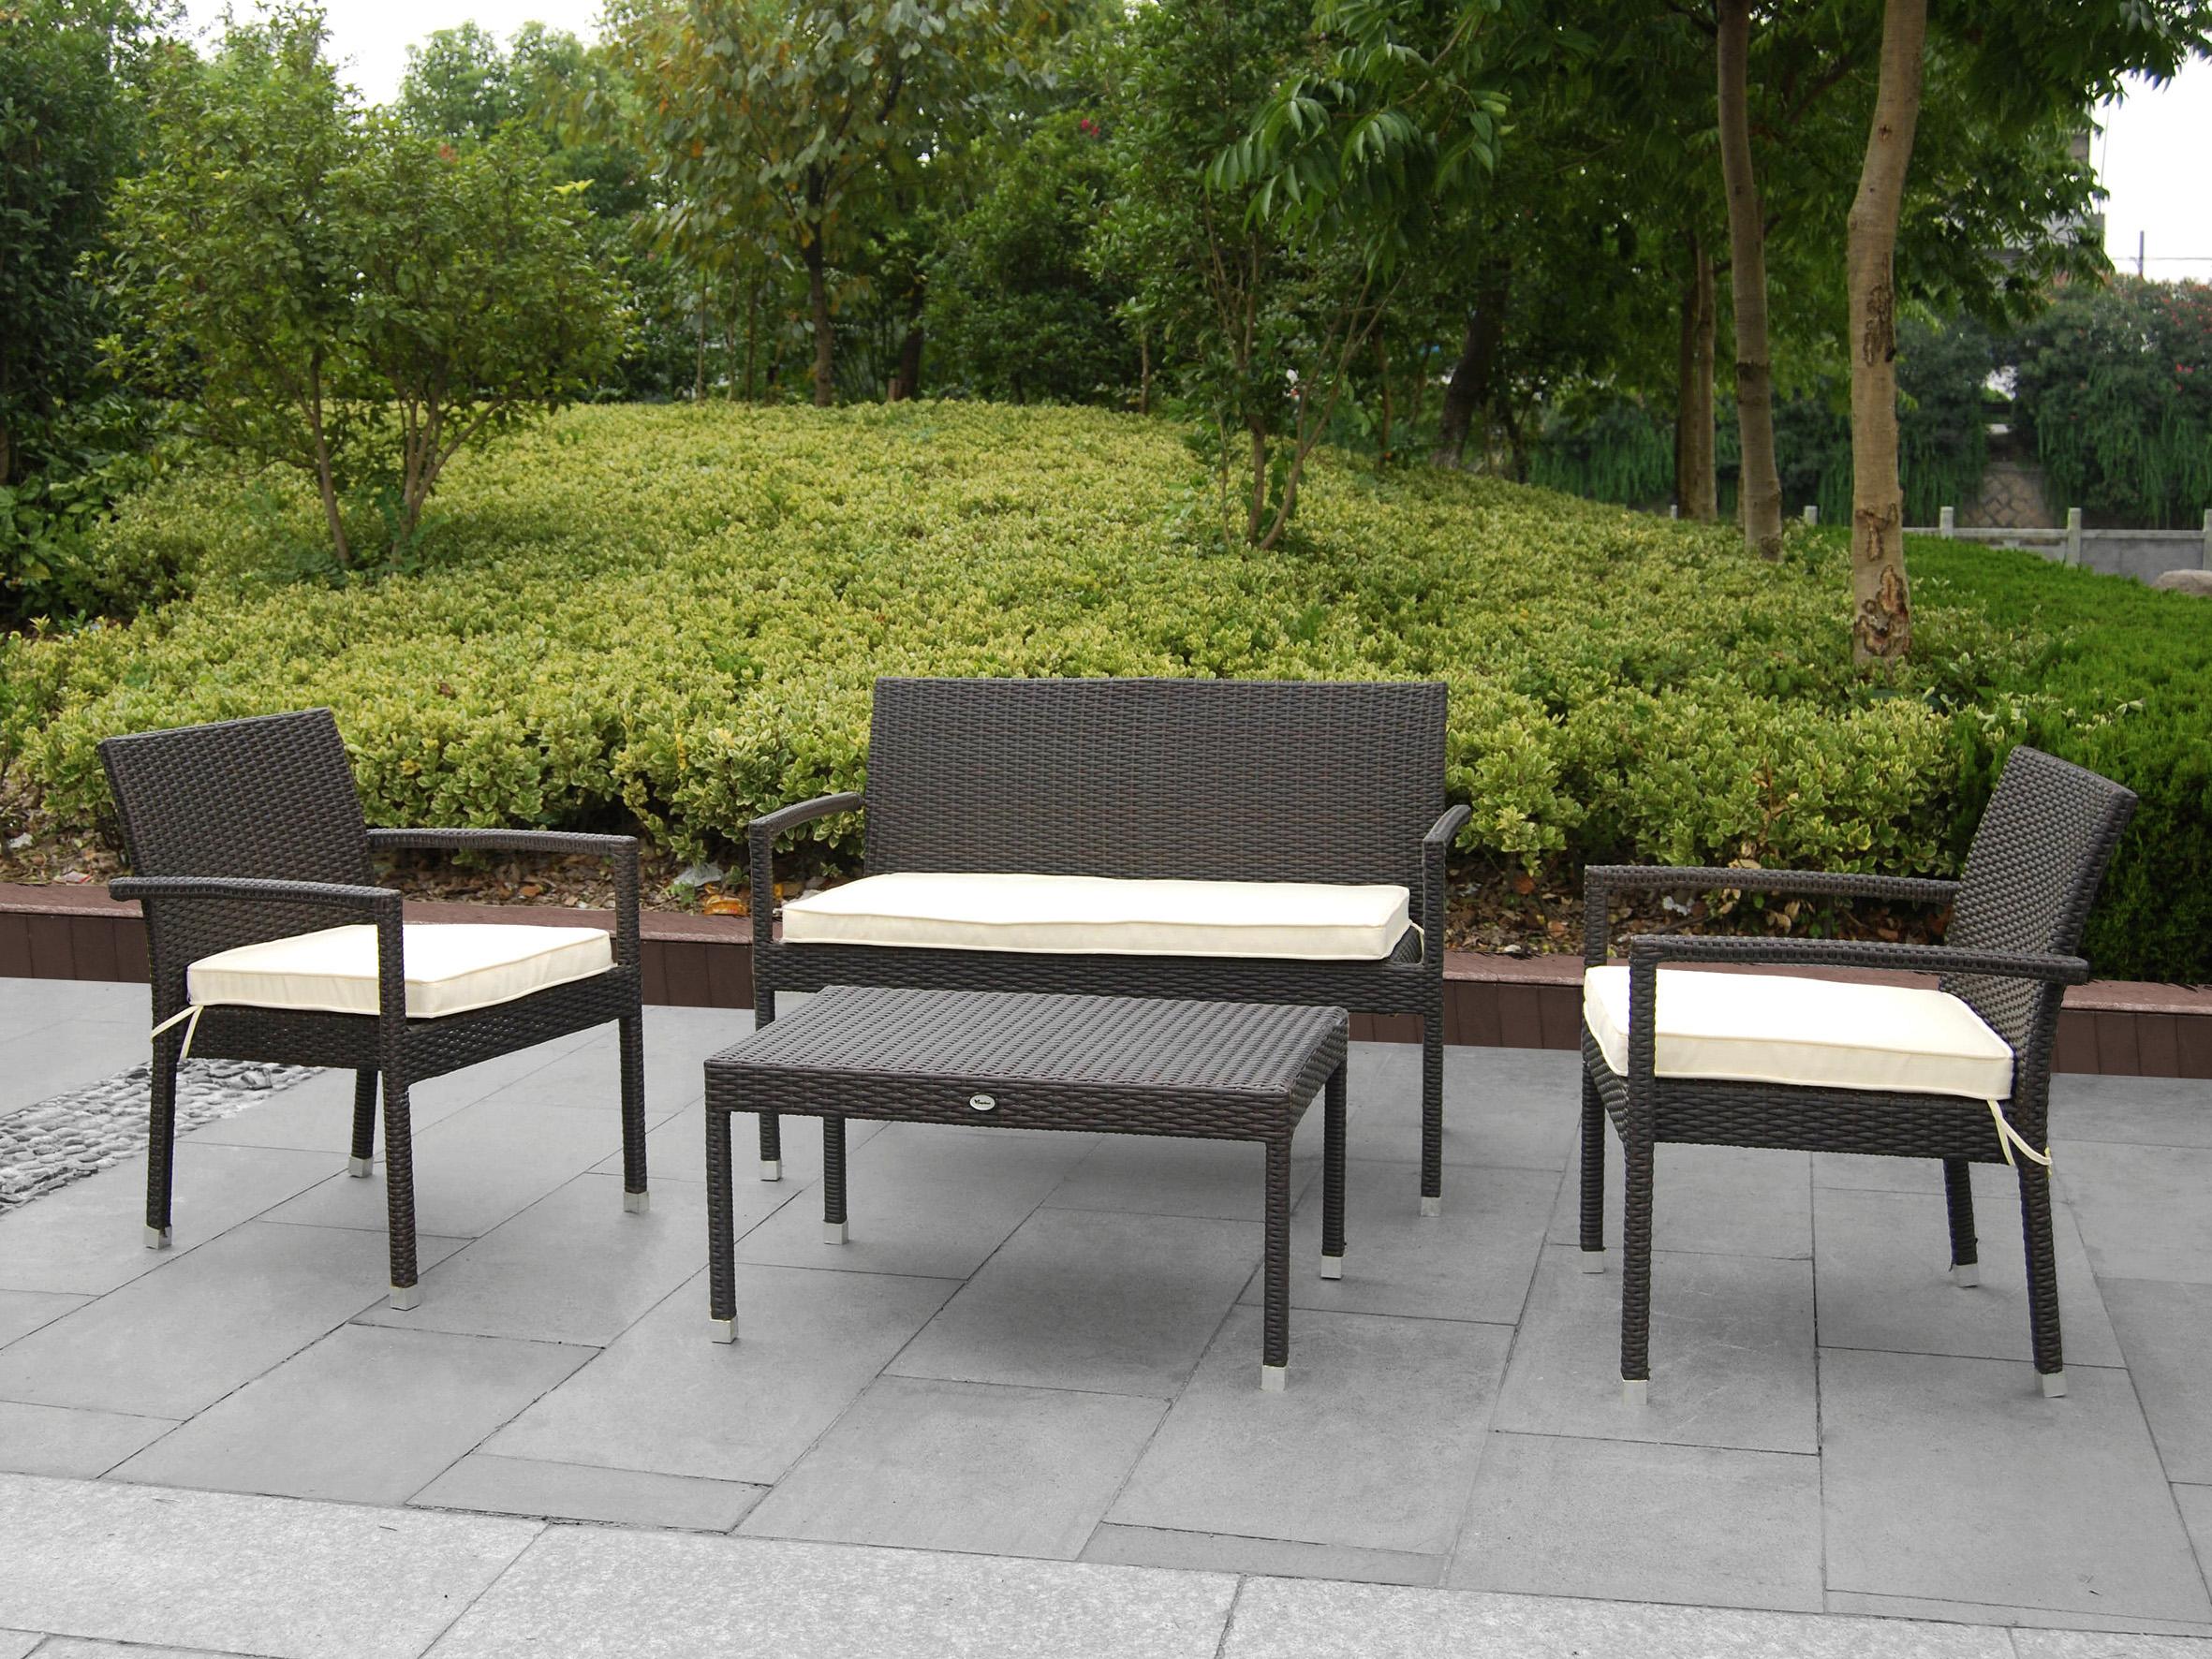 Mobiliario para exterior mesas y sillas generico conjunto de jard n color marr n linosa marr n - Mobiliario jardin online ...